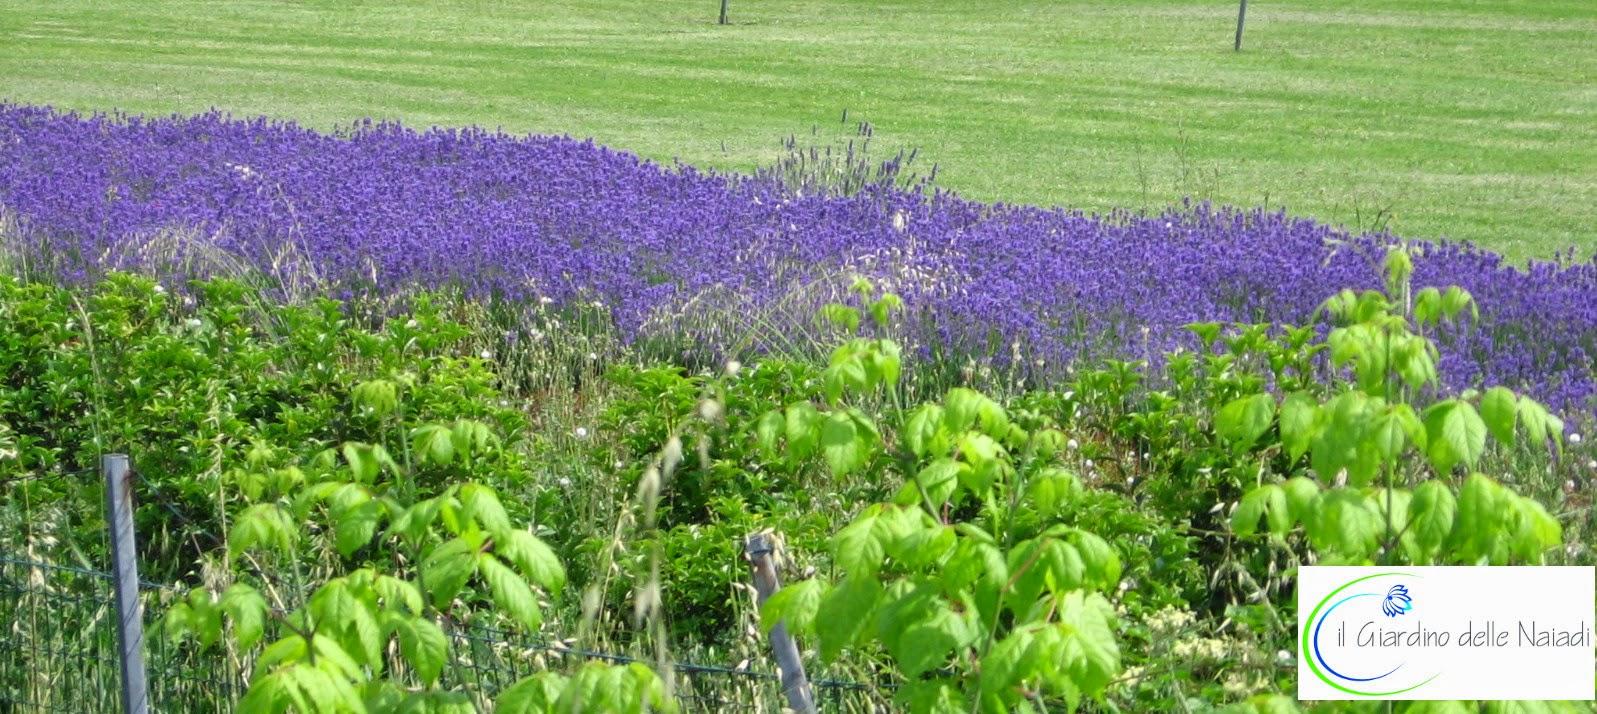 Il giardino delle naiadi un giardino in stile provenzale - Lavanda clima ...